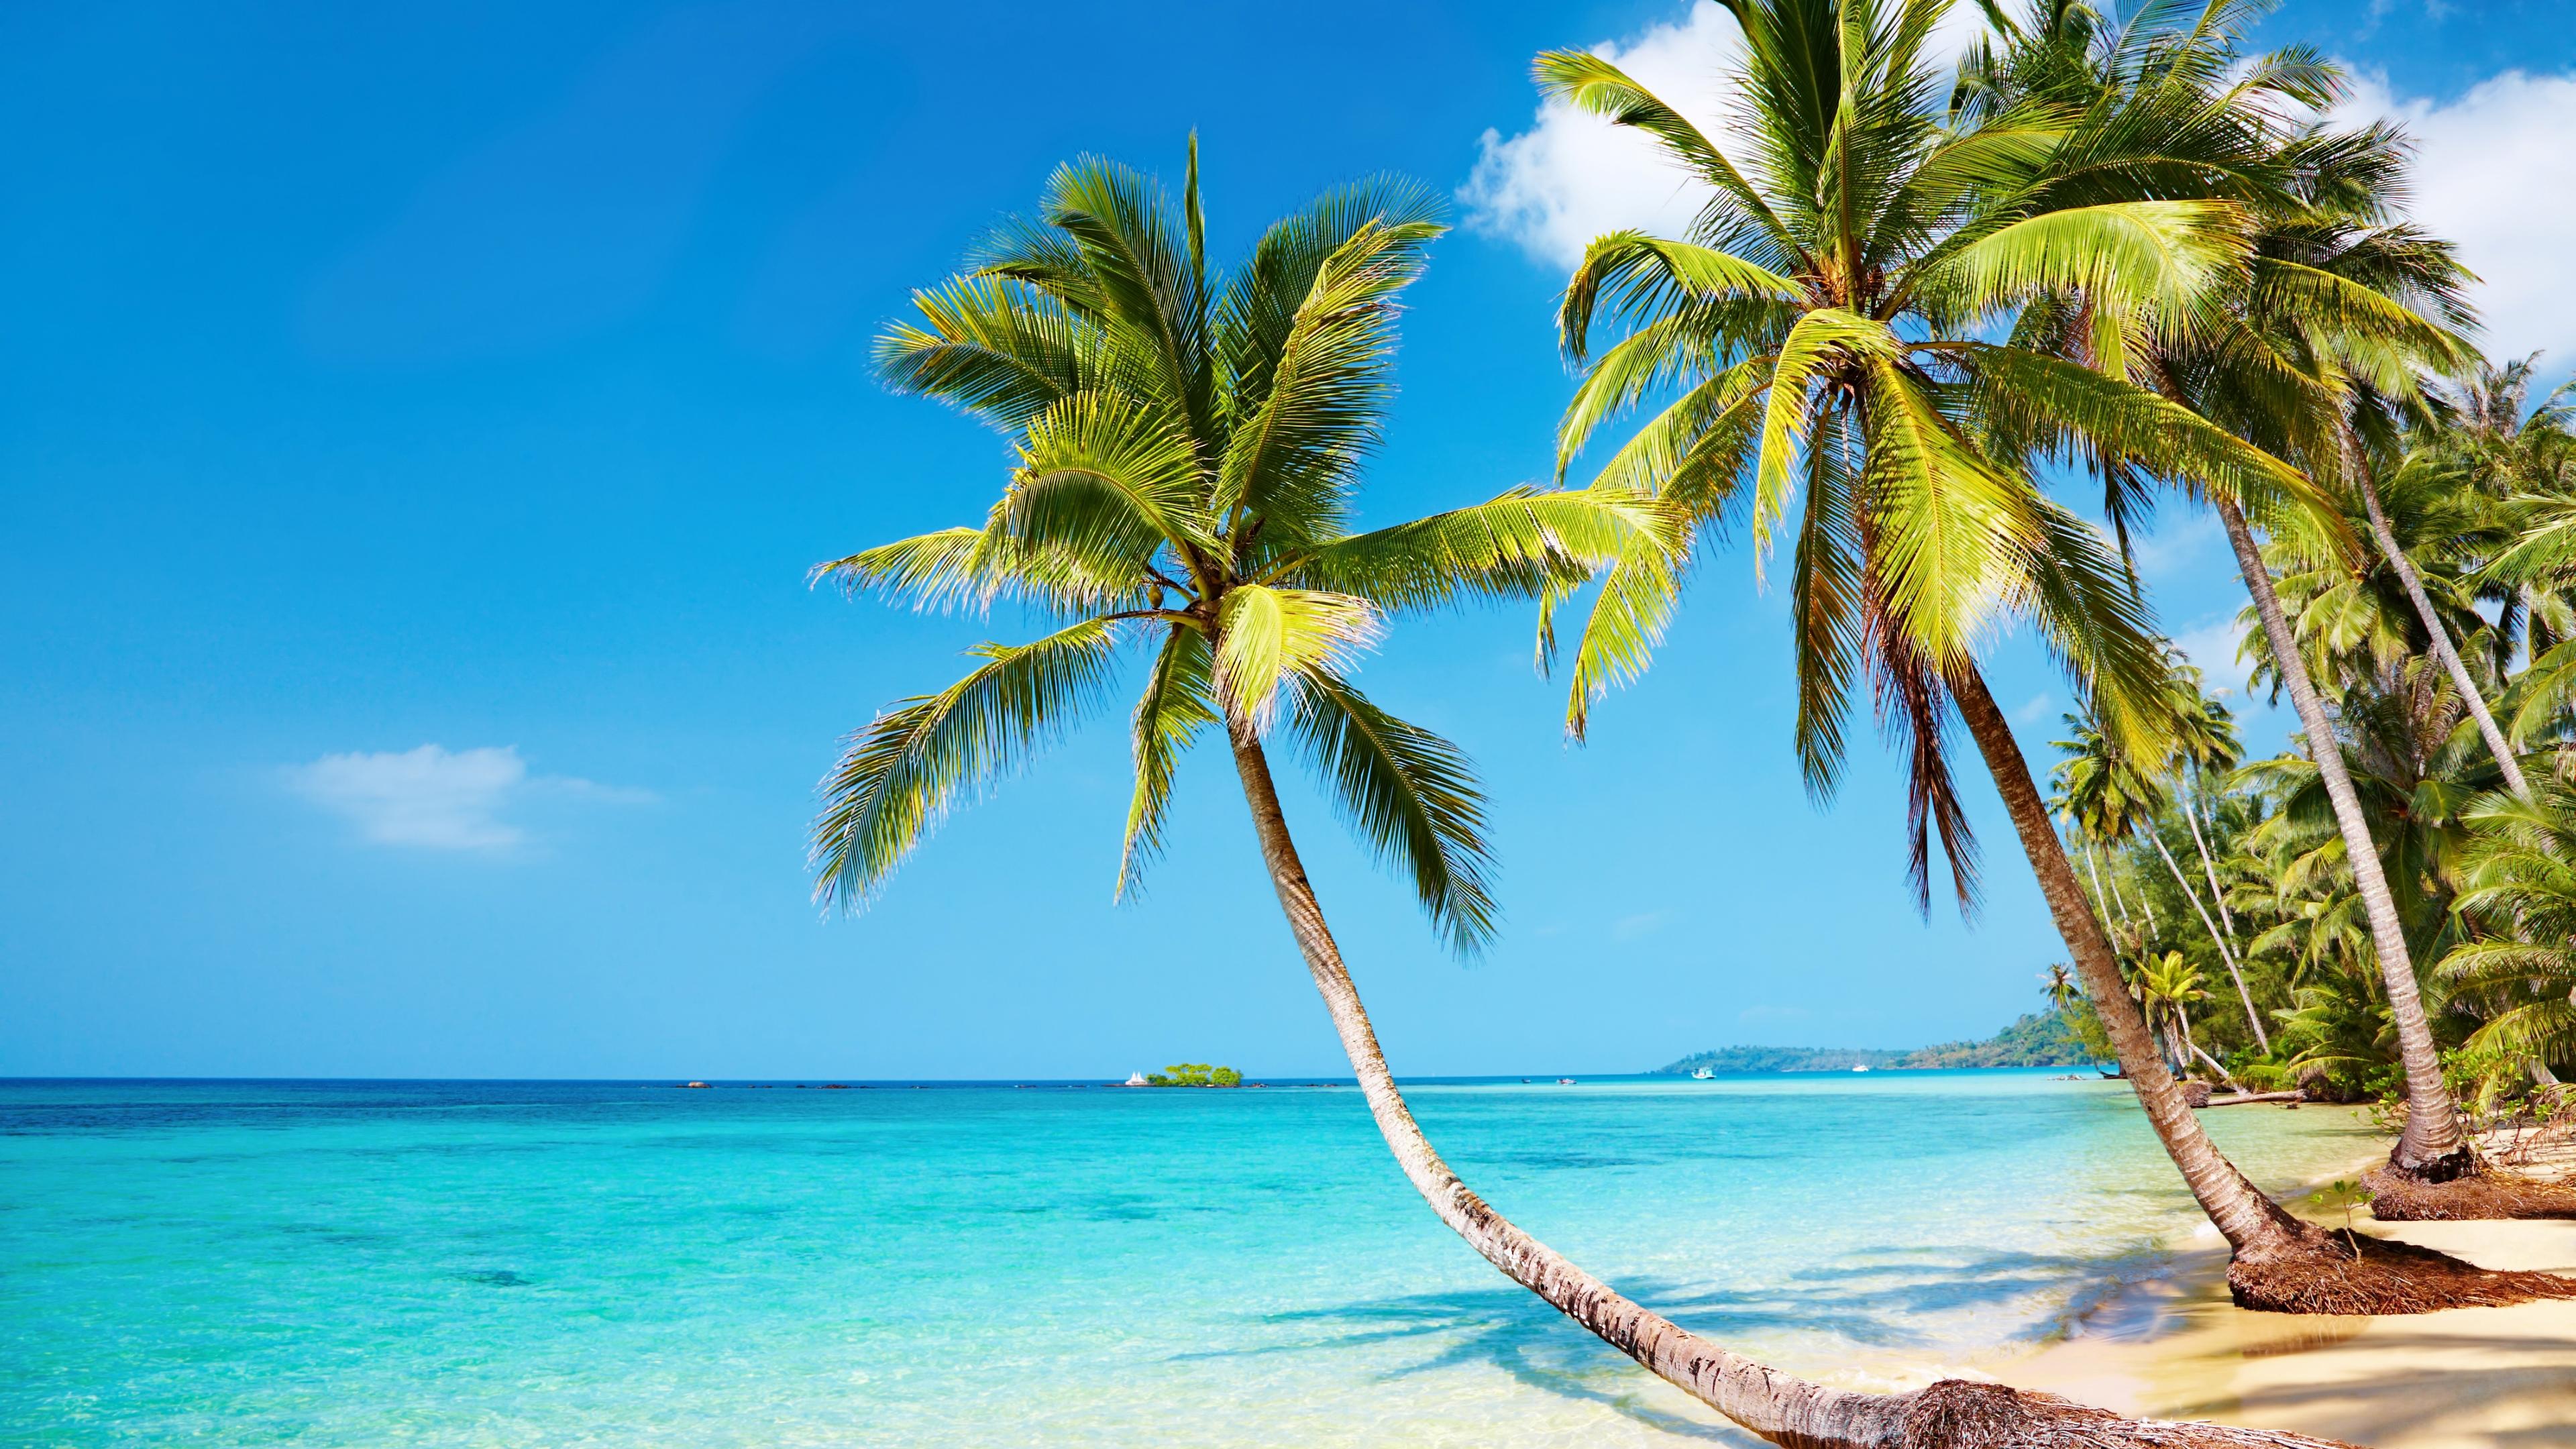 beach images wallpaper   HD Desktop Wallpapers 3840x2160